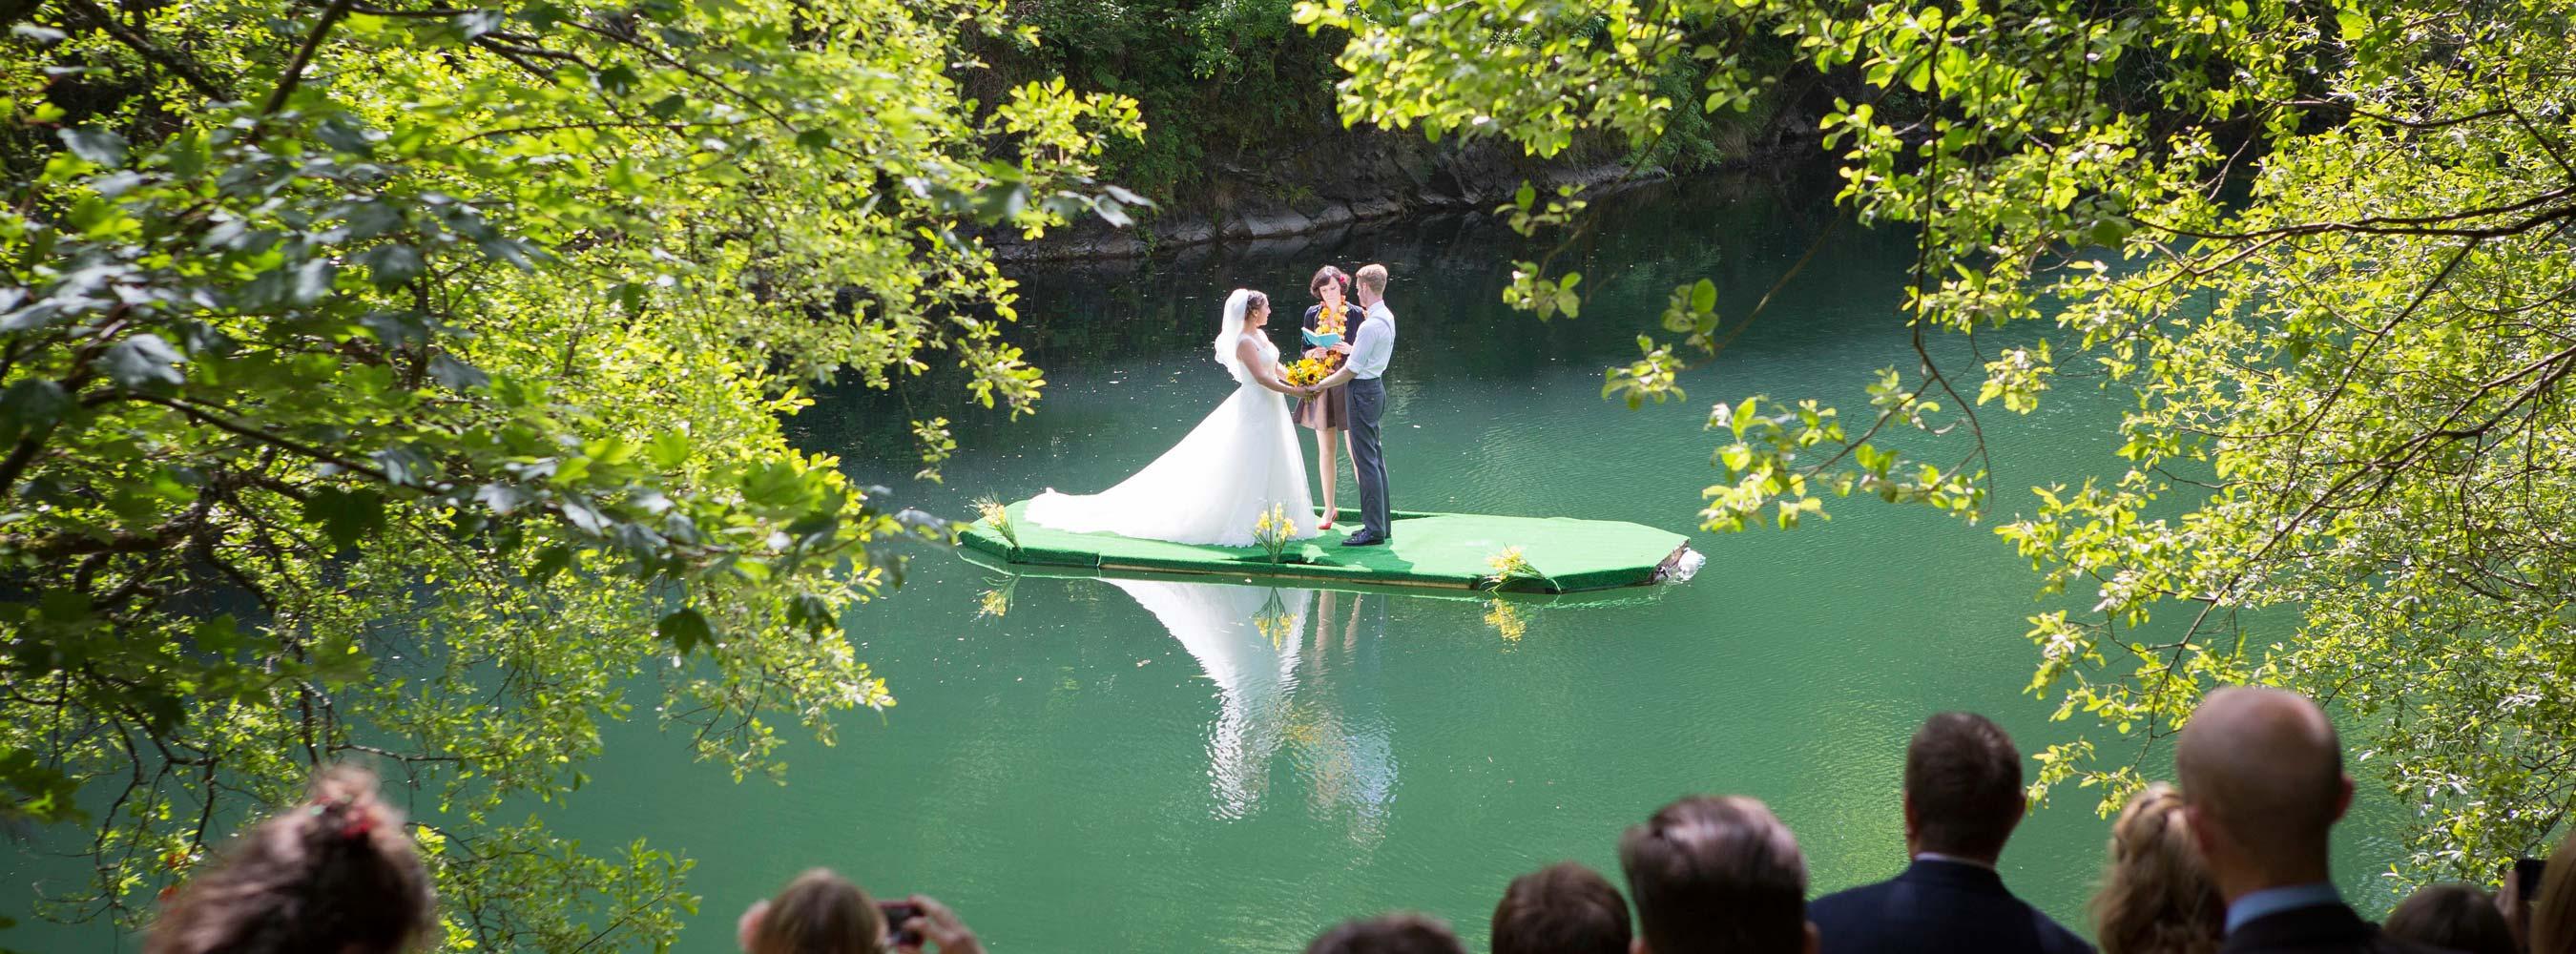 Floating Lake Wedding